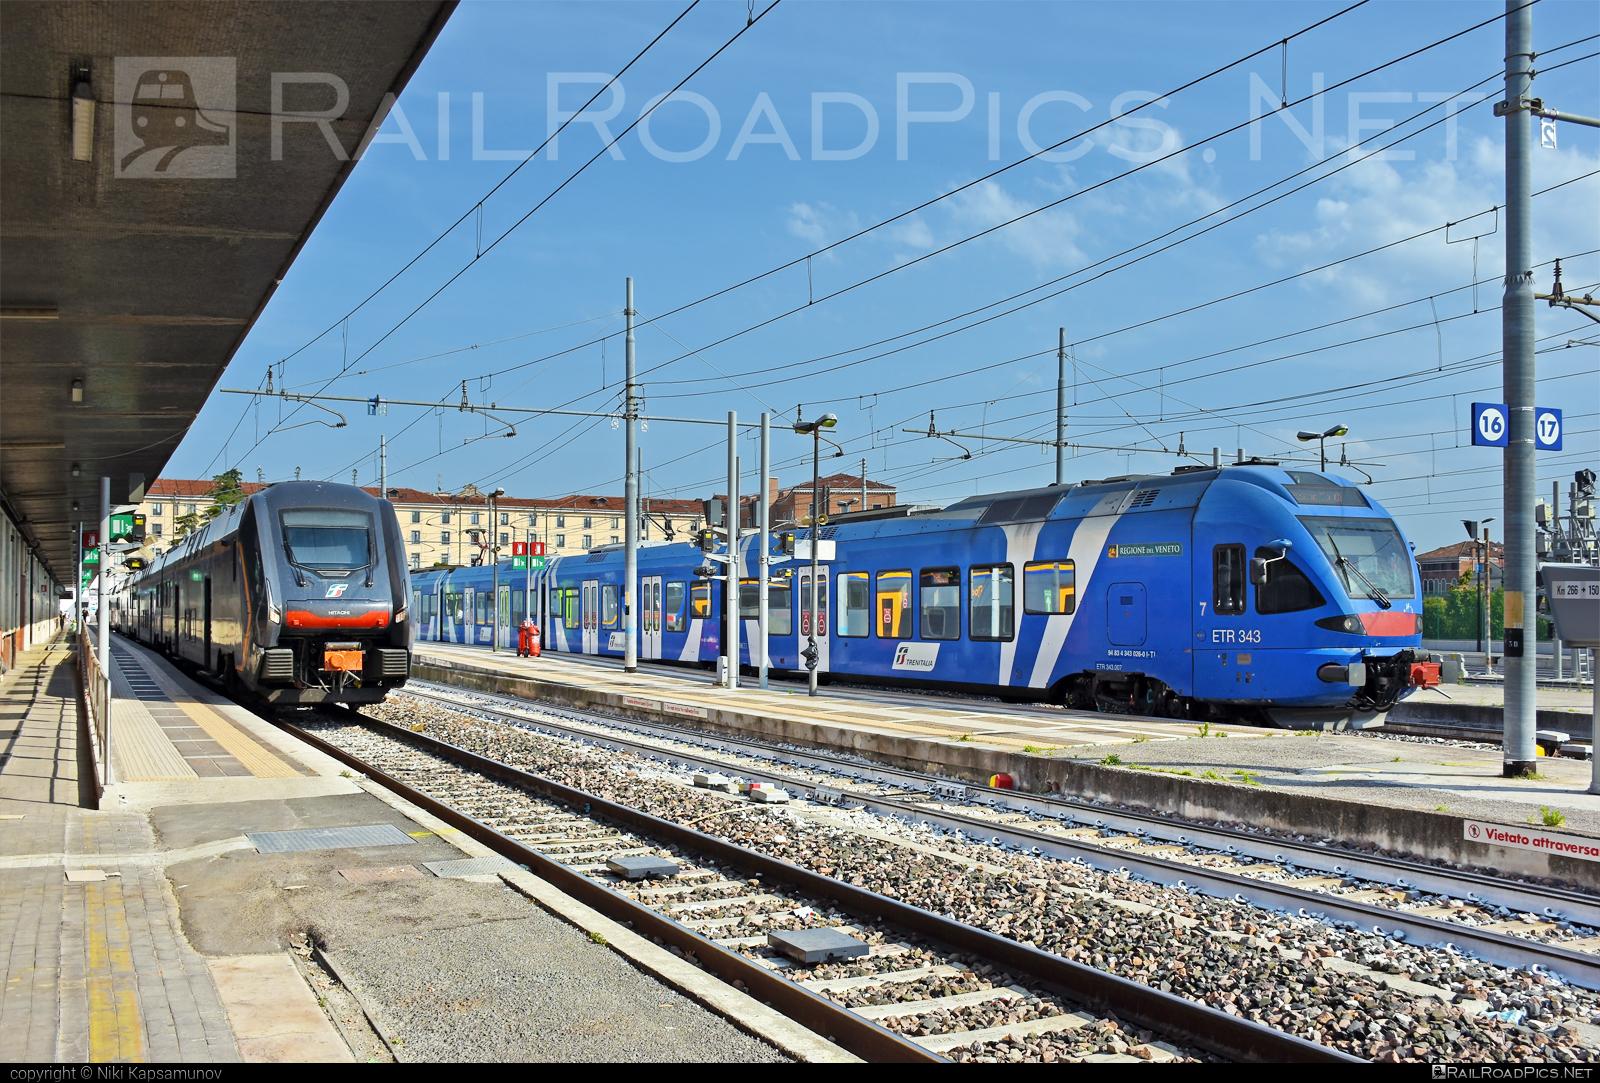 Stadler FLIRT - 343 026-0 operated by Trenitalia S.p.A. #ferroviedellostato #fs #fsitaliane #stadler #stadlerflirt #stadlerrail #stadlerrailag #trenitalia #trenitaliaspa